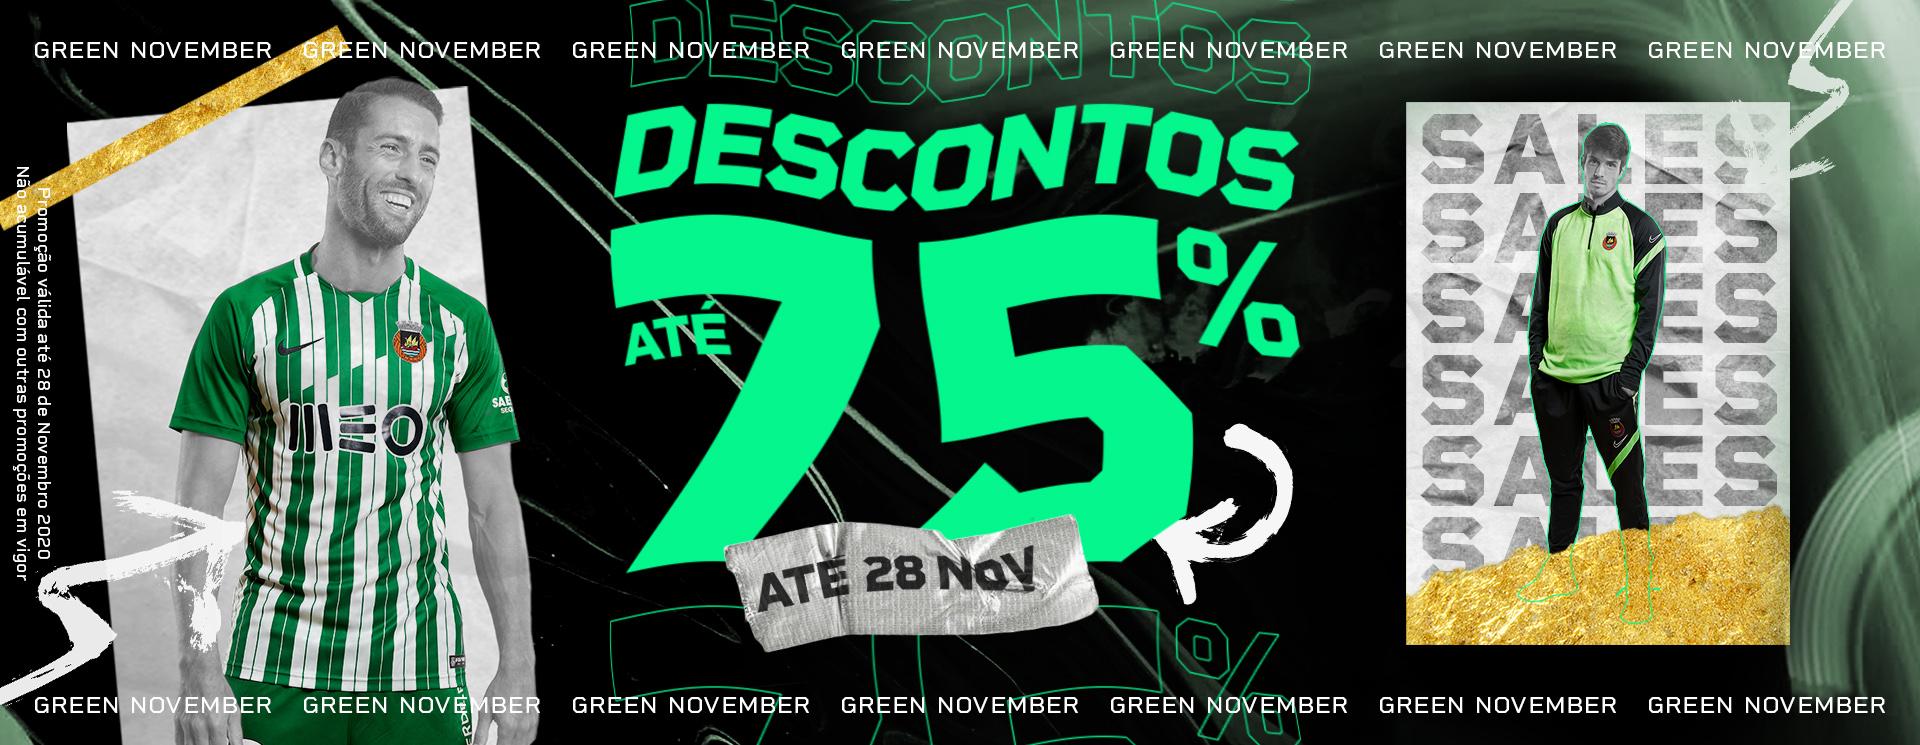 Banner_Green_November